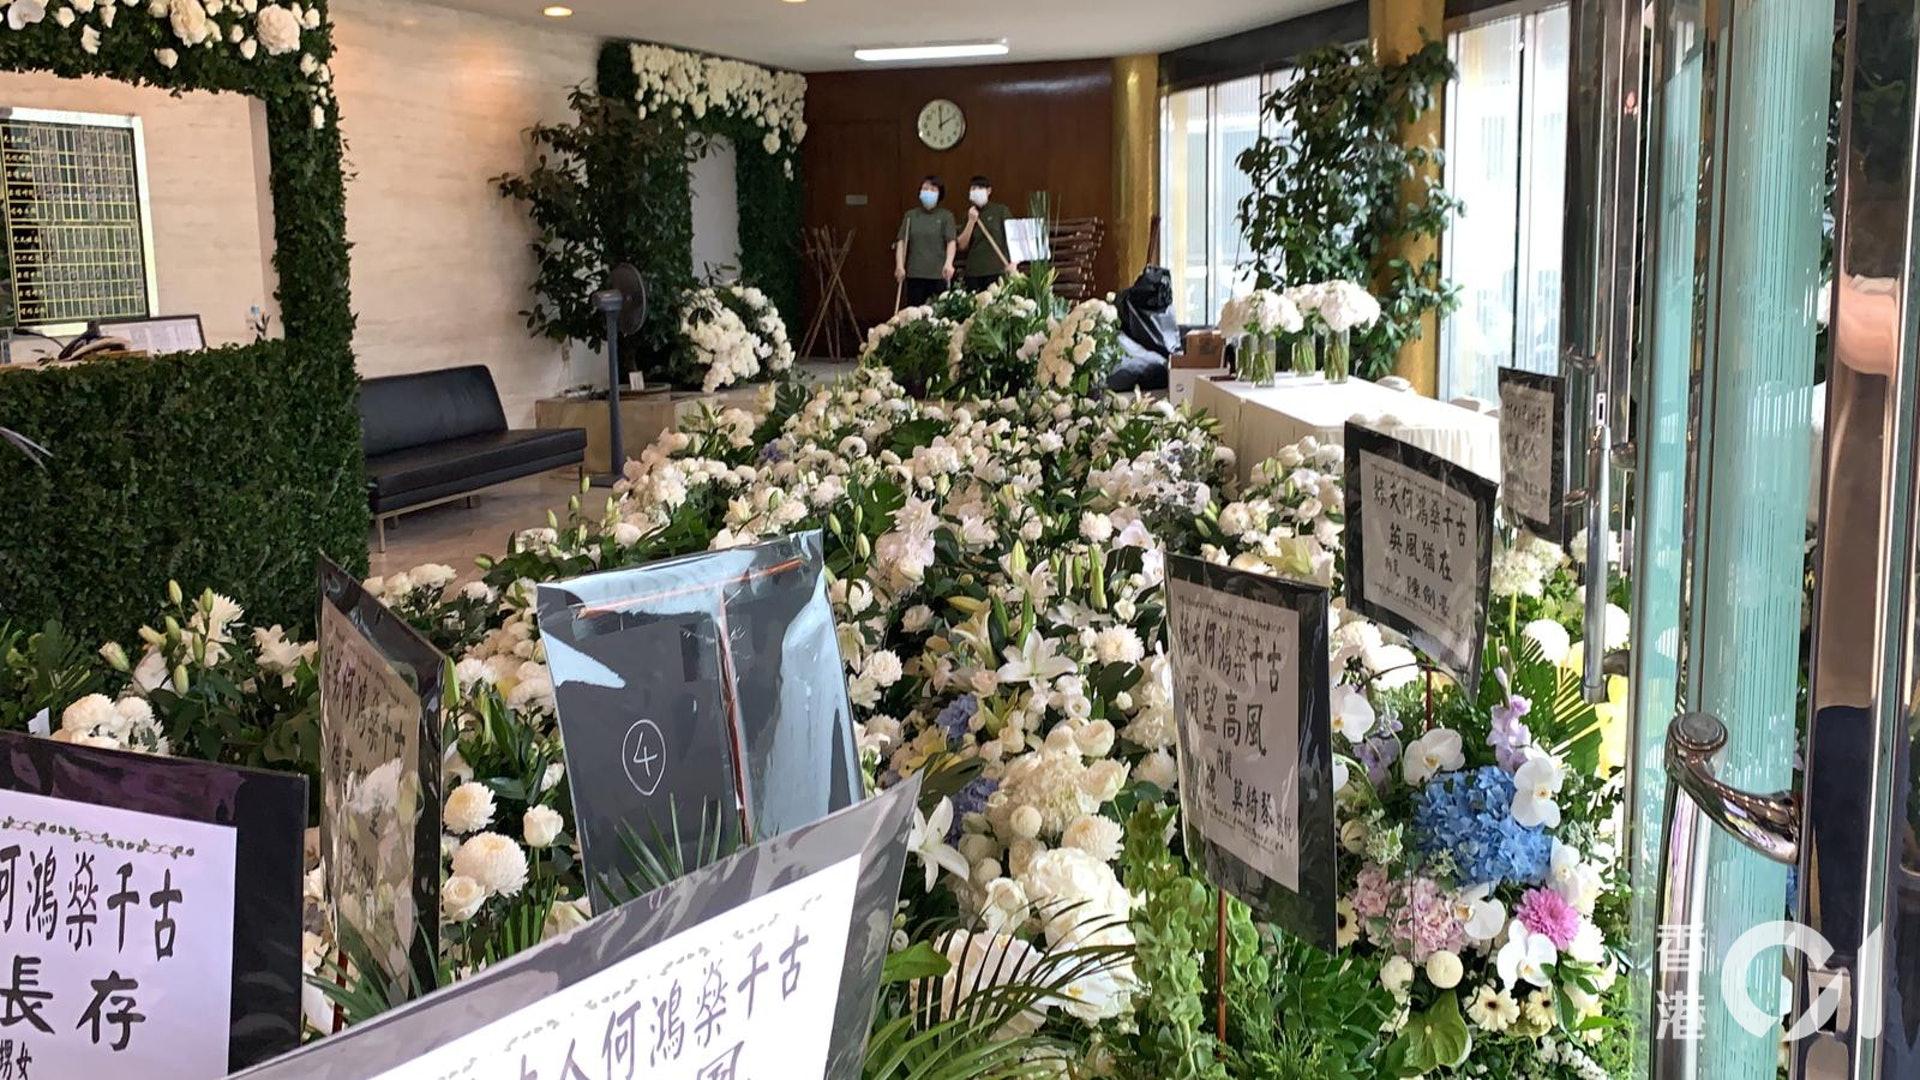 Tang lễ Vua sòng bài Macau: Tiếp tục gây chú ý với 6 tỷ đồng hoa tang và lời nhắn thâm tình của 3 bà vợ dành cho chồng quá cố - Ảnh 15.